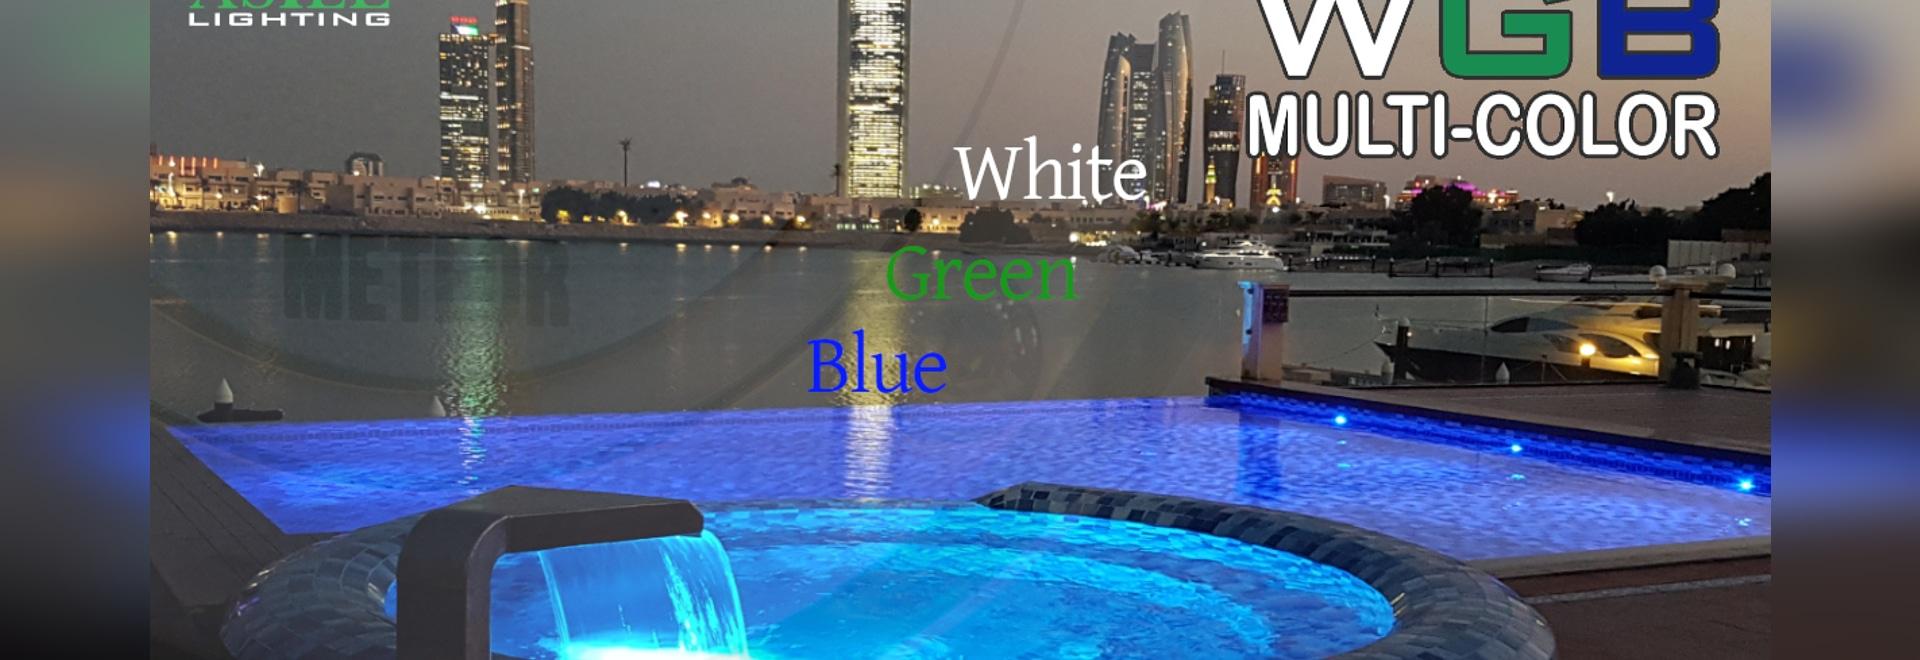 La luce subacquea unica METEOR anche in WGB multi-colore